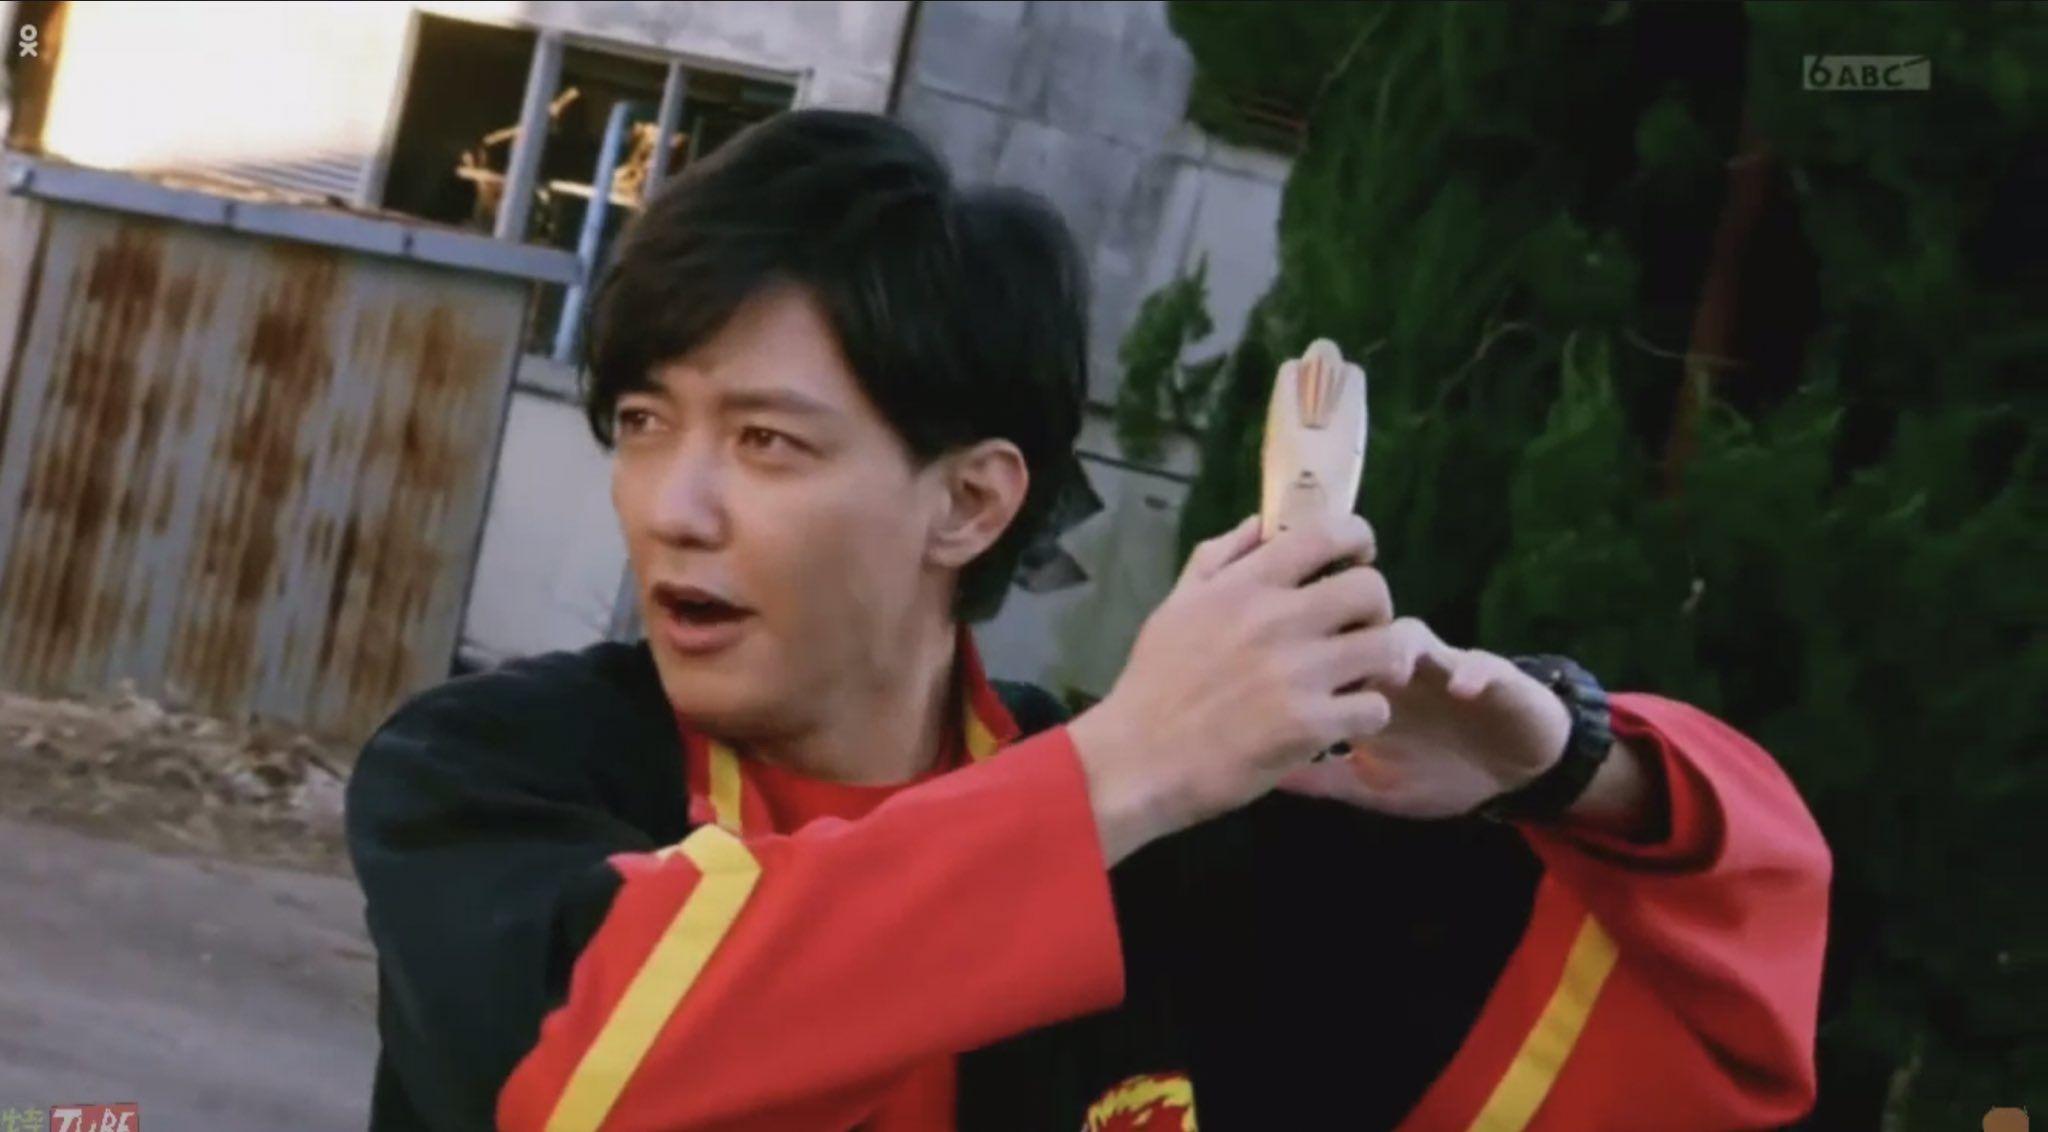 Kakeru Shishi Gaored Power Rangers Shishi Power